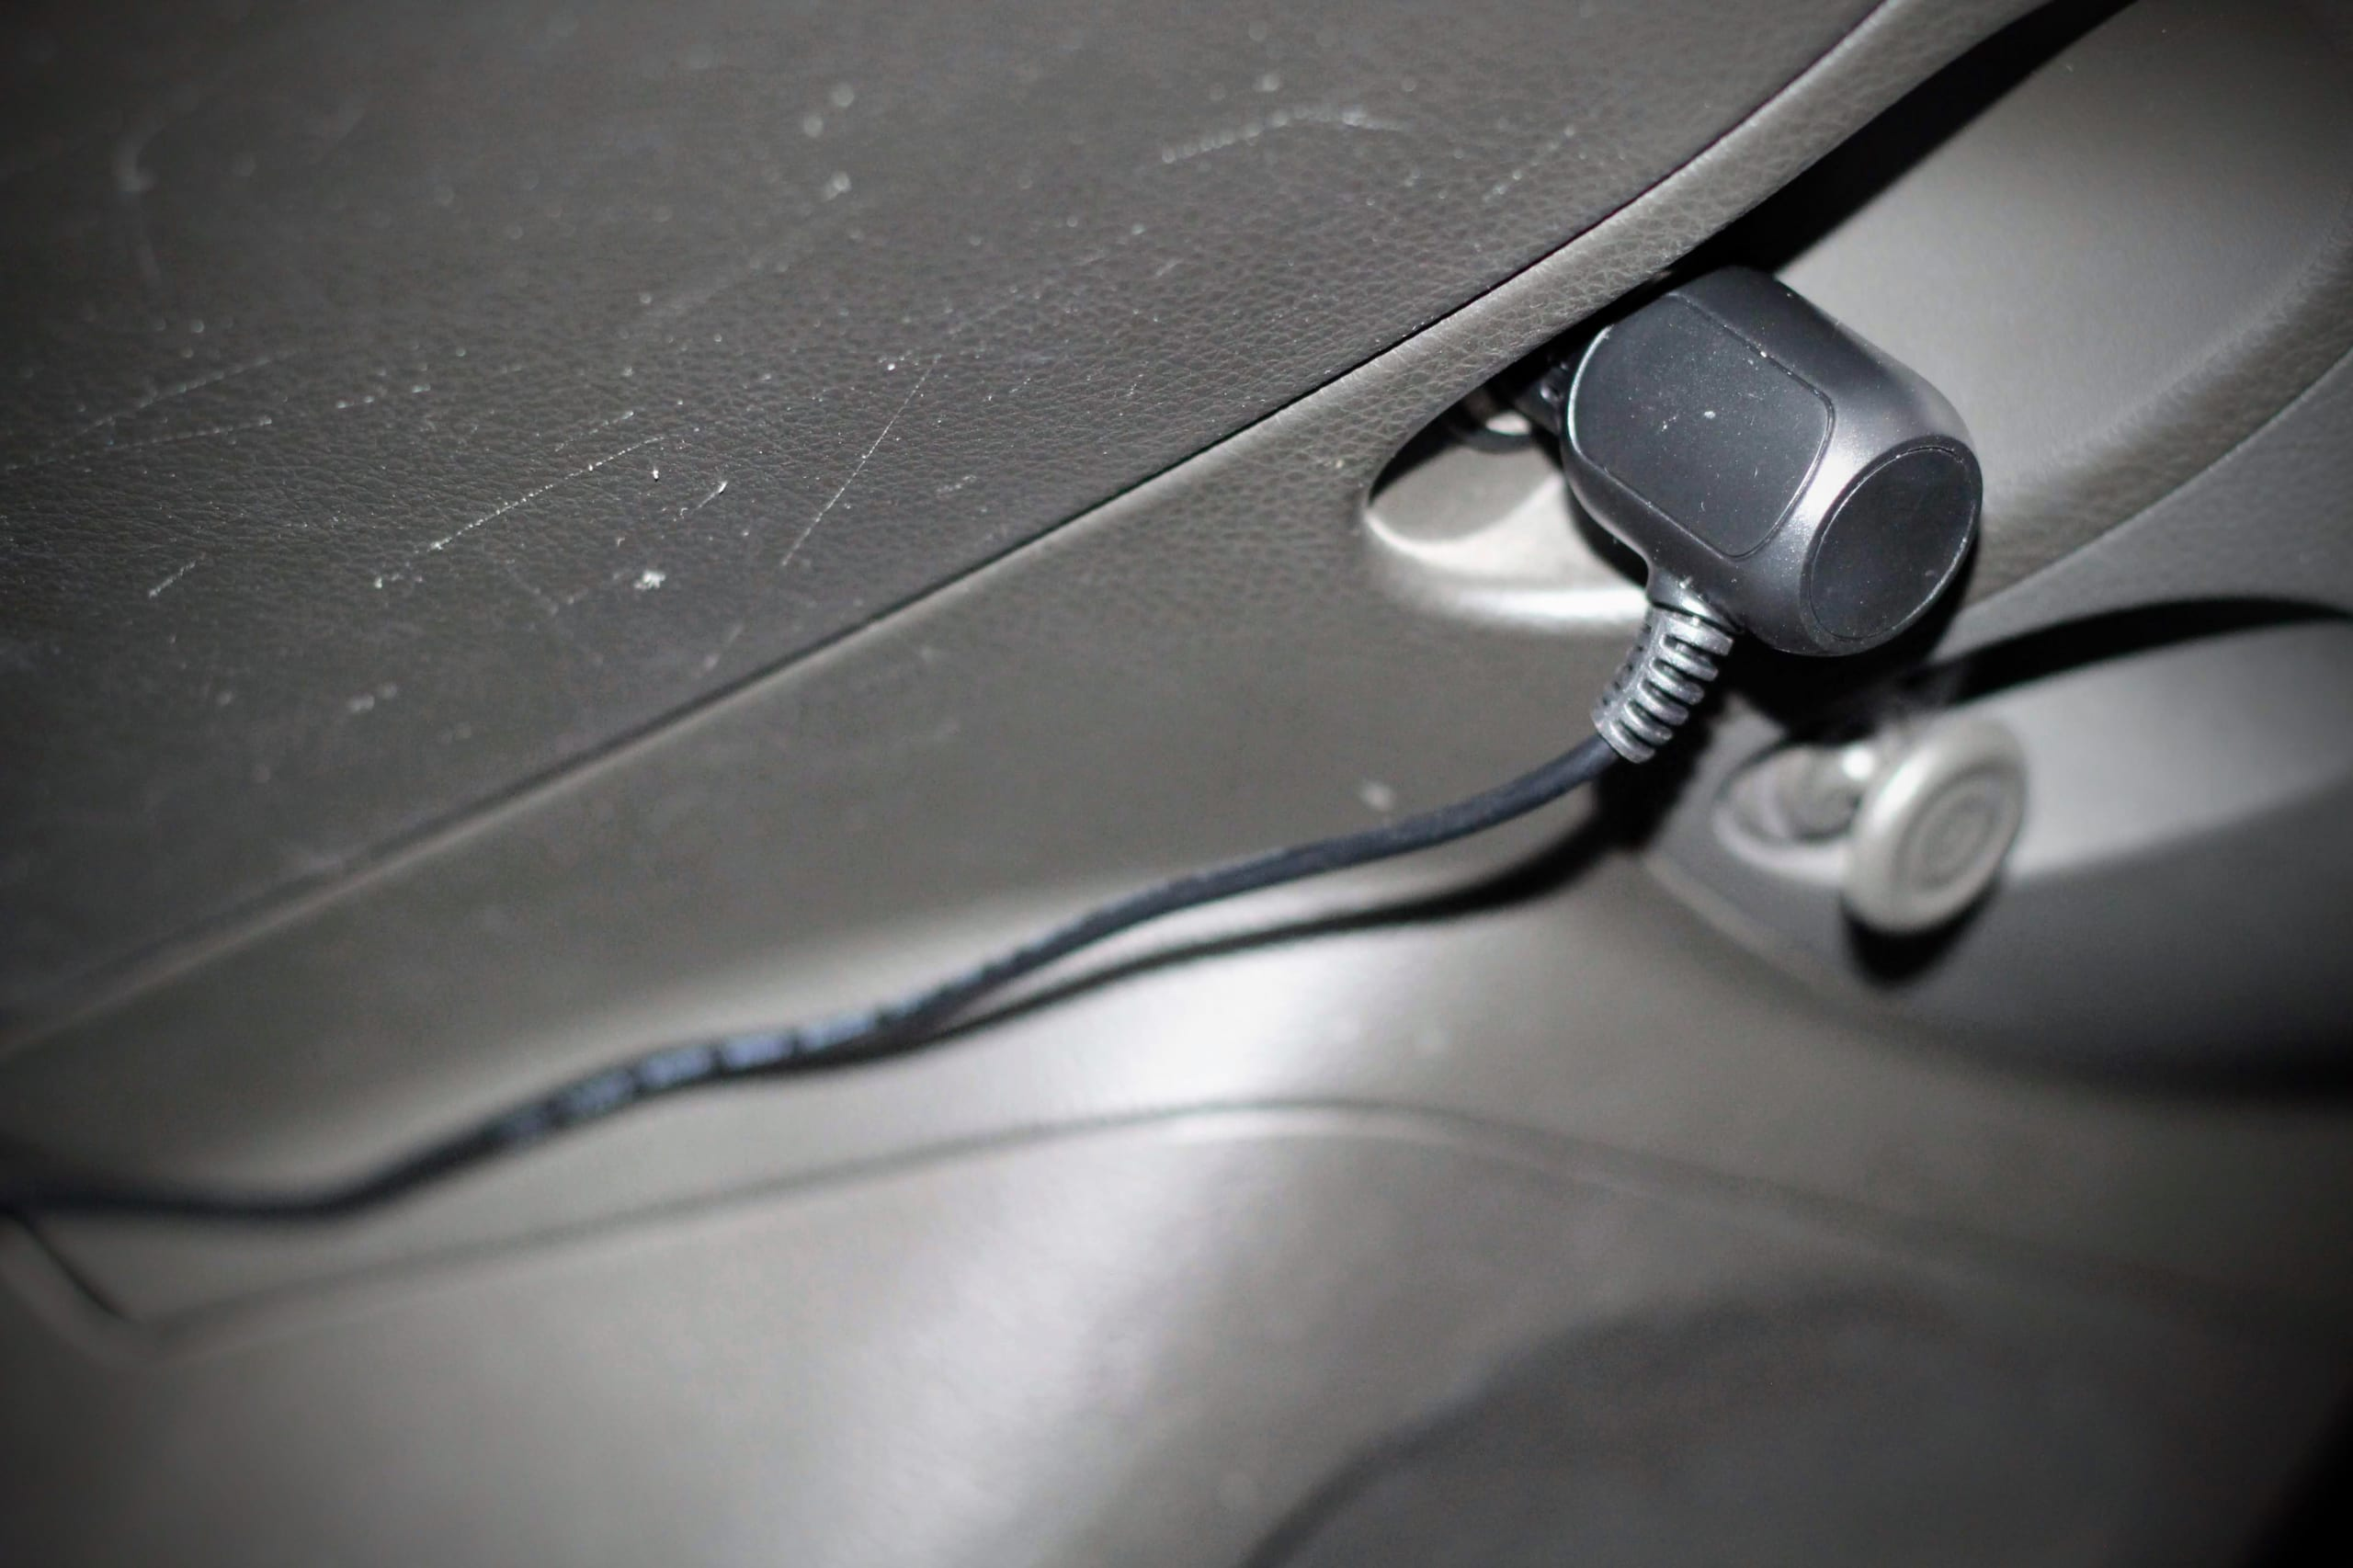 シガーライターから伸びる電源ケーブル